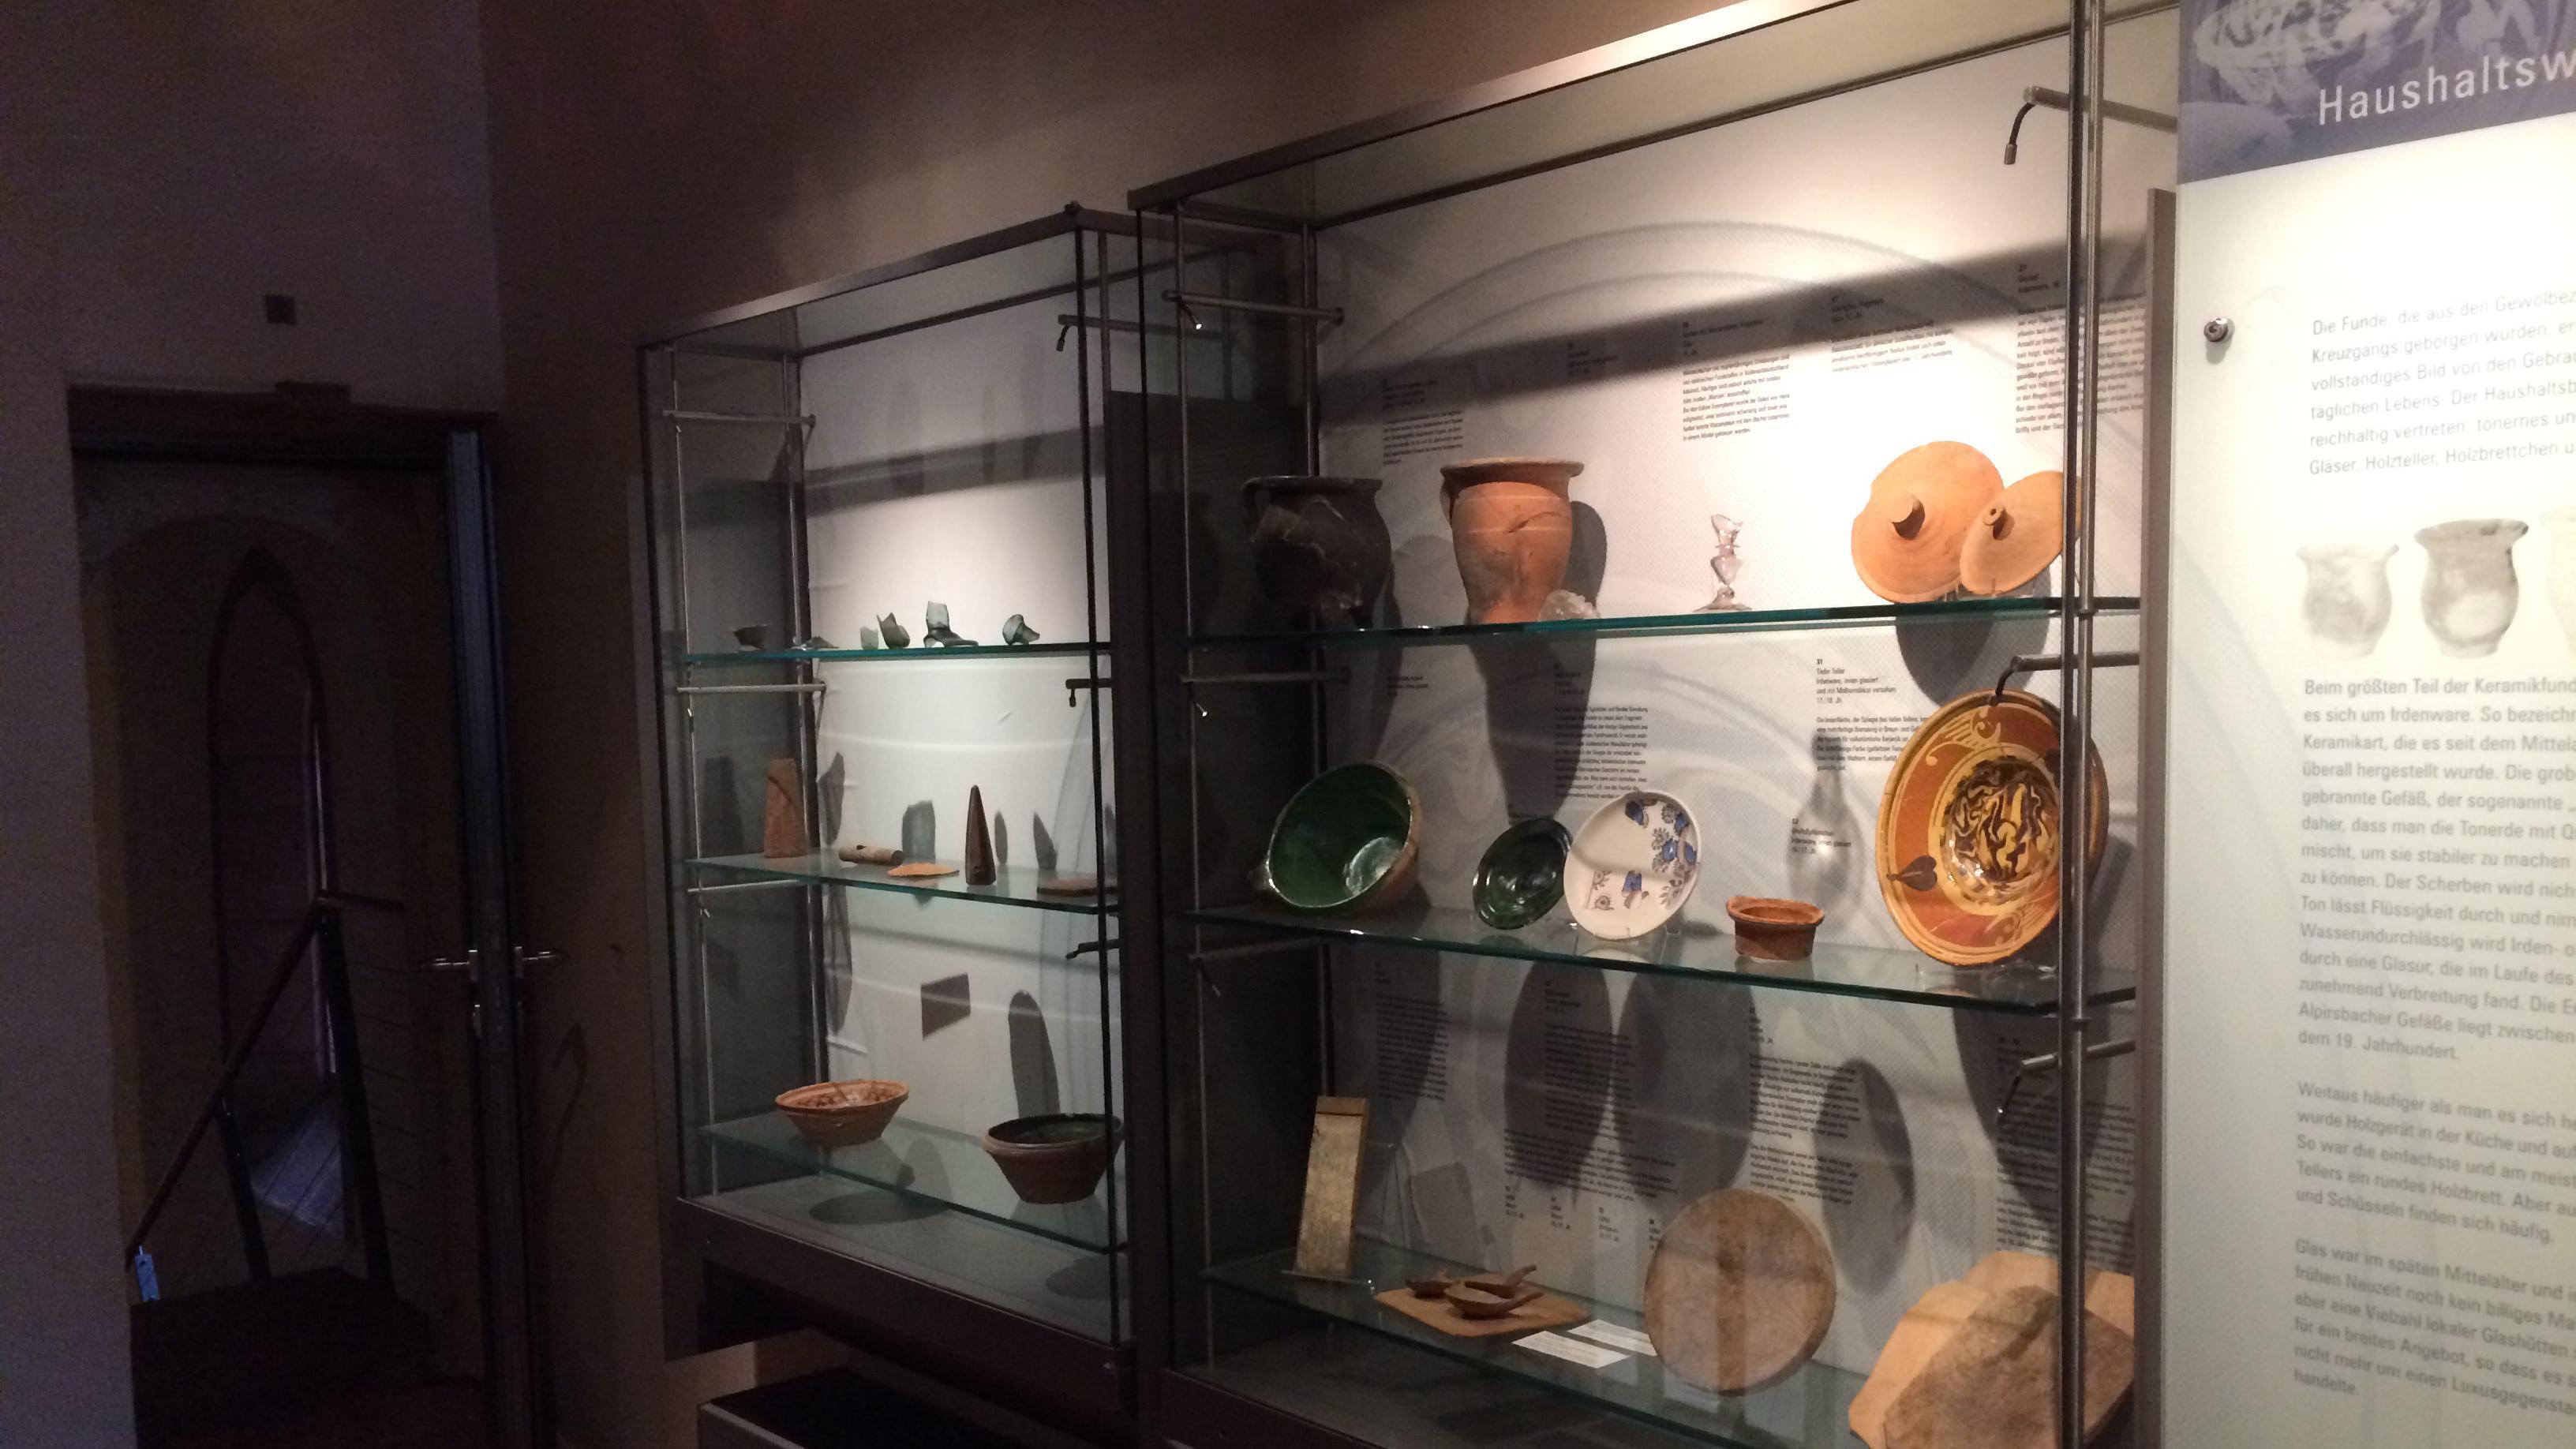 Kloster Alpirsbach, Klostermuseum; Foto: Staatliche Schlösser und Gärten Baden-Württemberg, Petra Schaffrodt